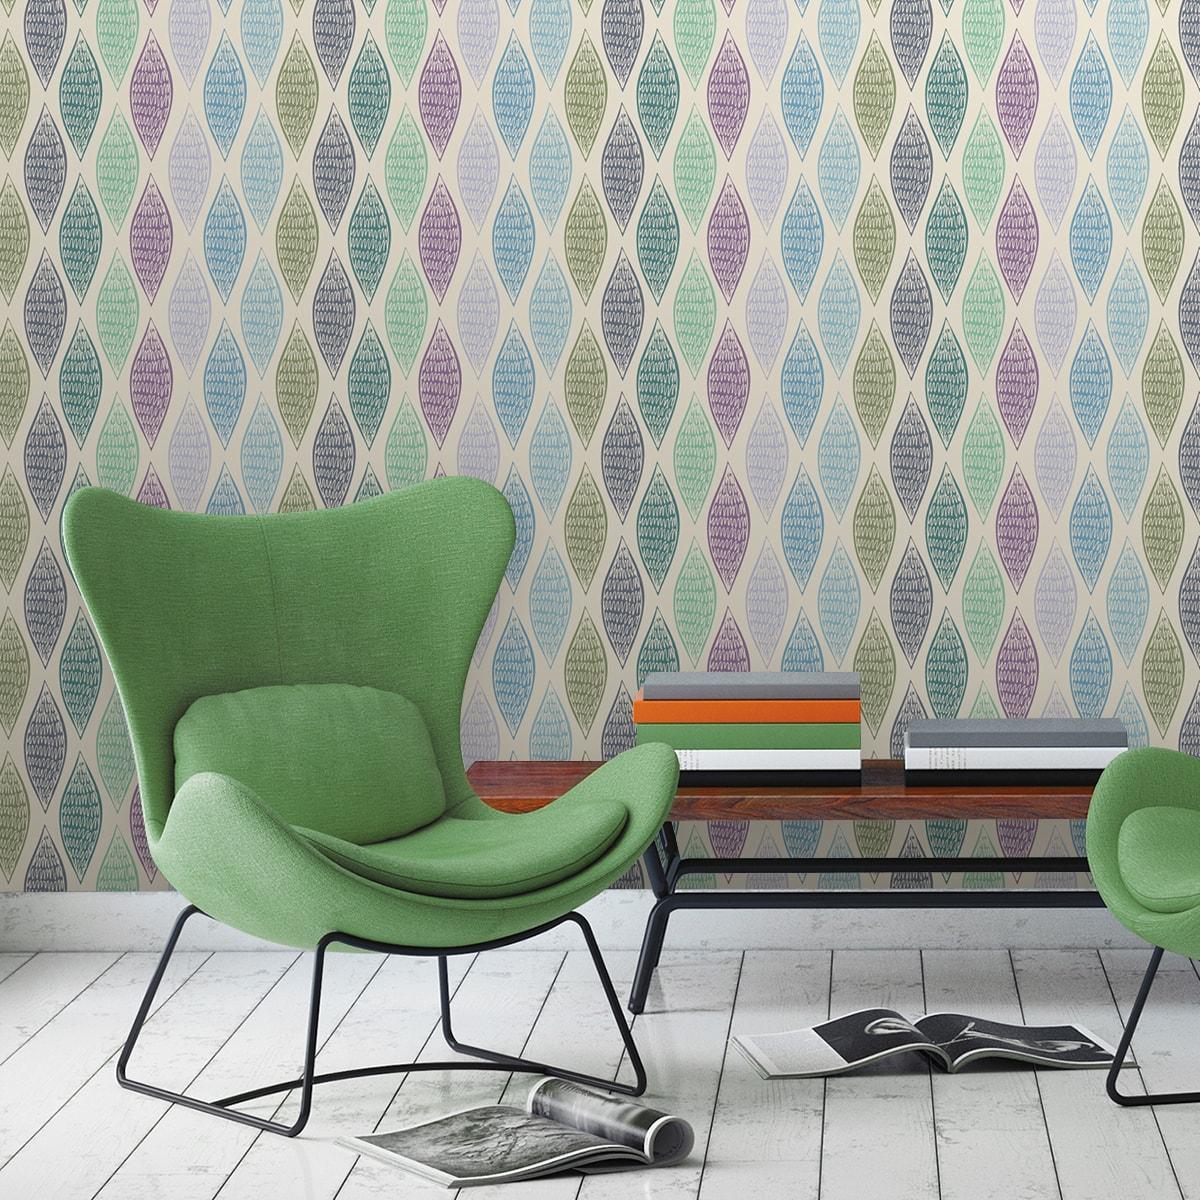 """Wandtapete flieder: Grüne moderne Designer Tapete """"Regenbogen Waben"""" mit bunten Farben angepasst an Farrow and Ball Wandfarben"""